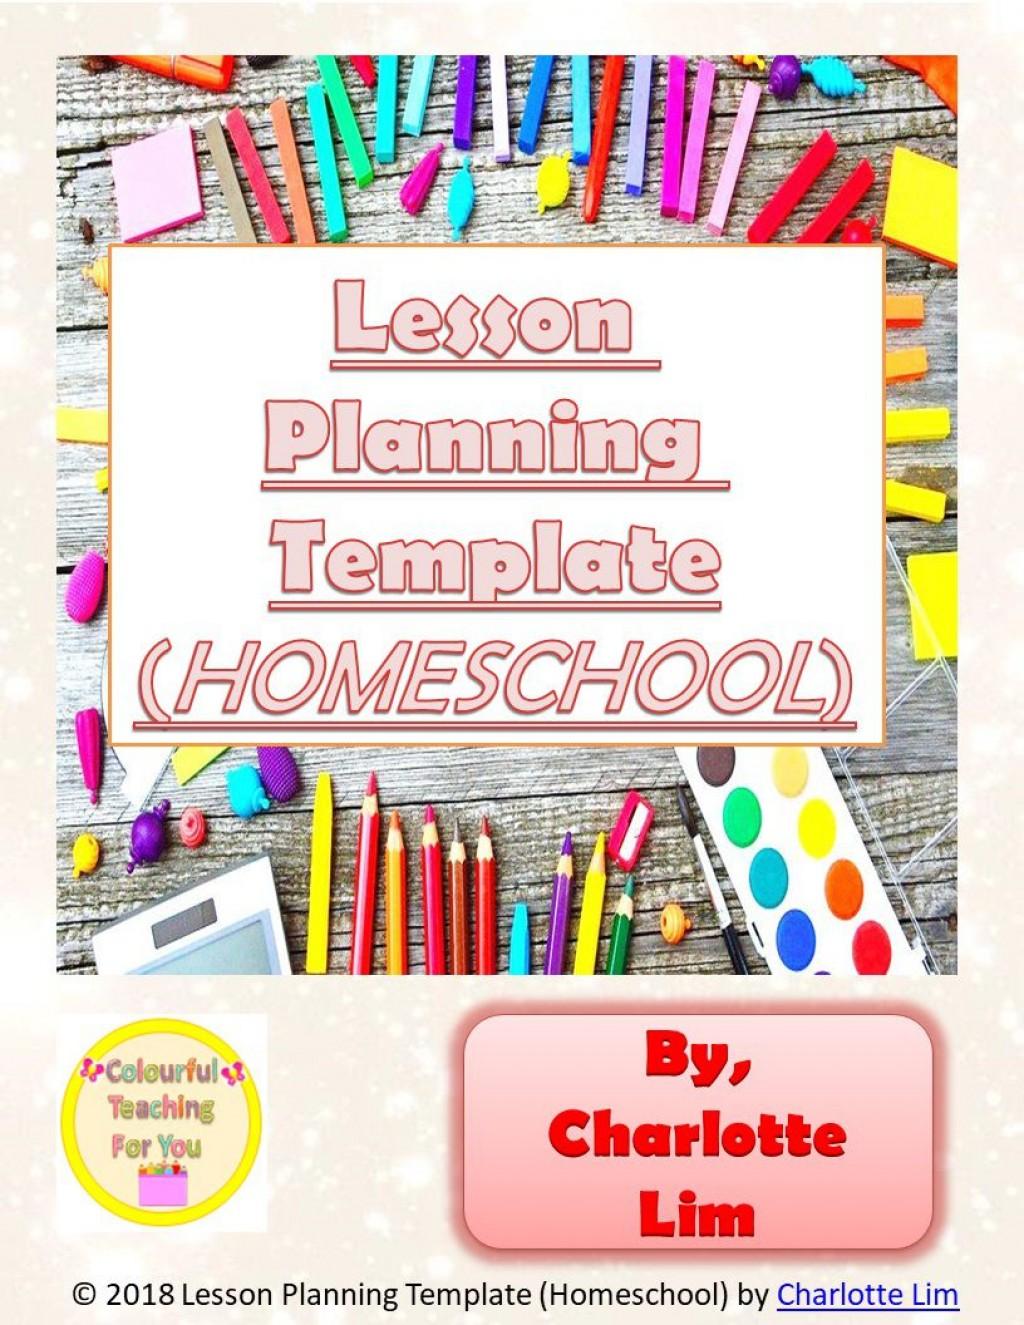 006 Imposing Homeschool Lesson Plan Template Sample  Teacher Planner FreeLarge